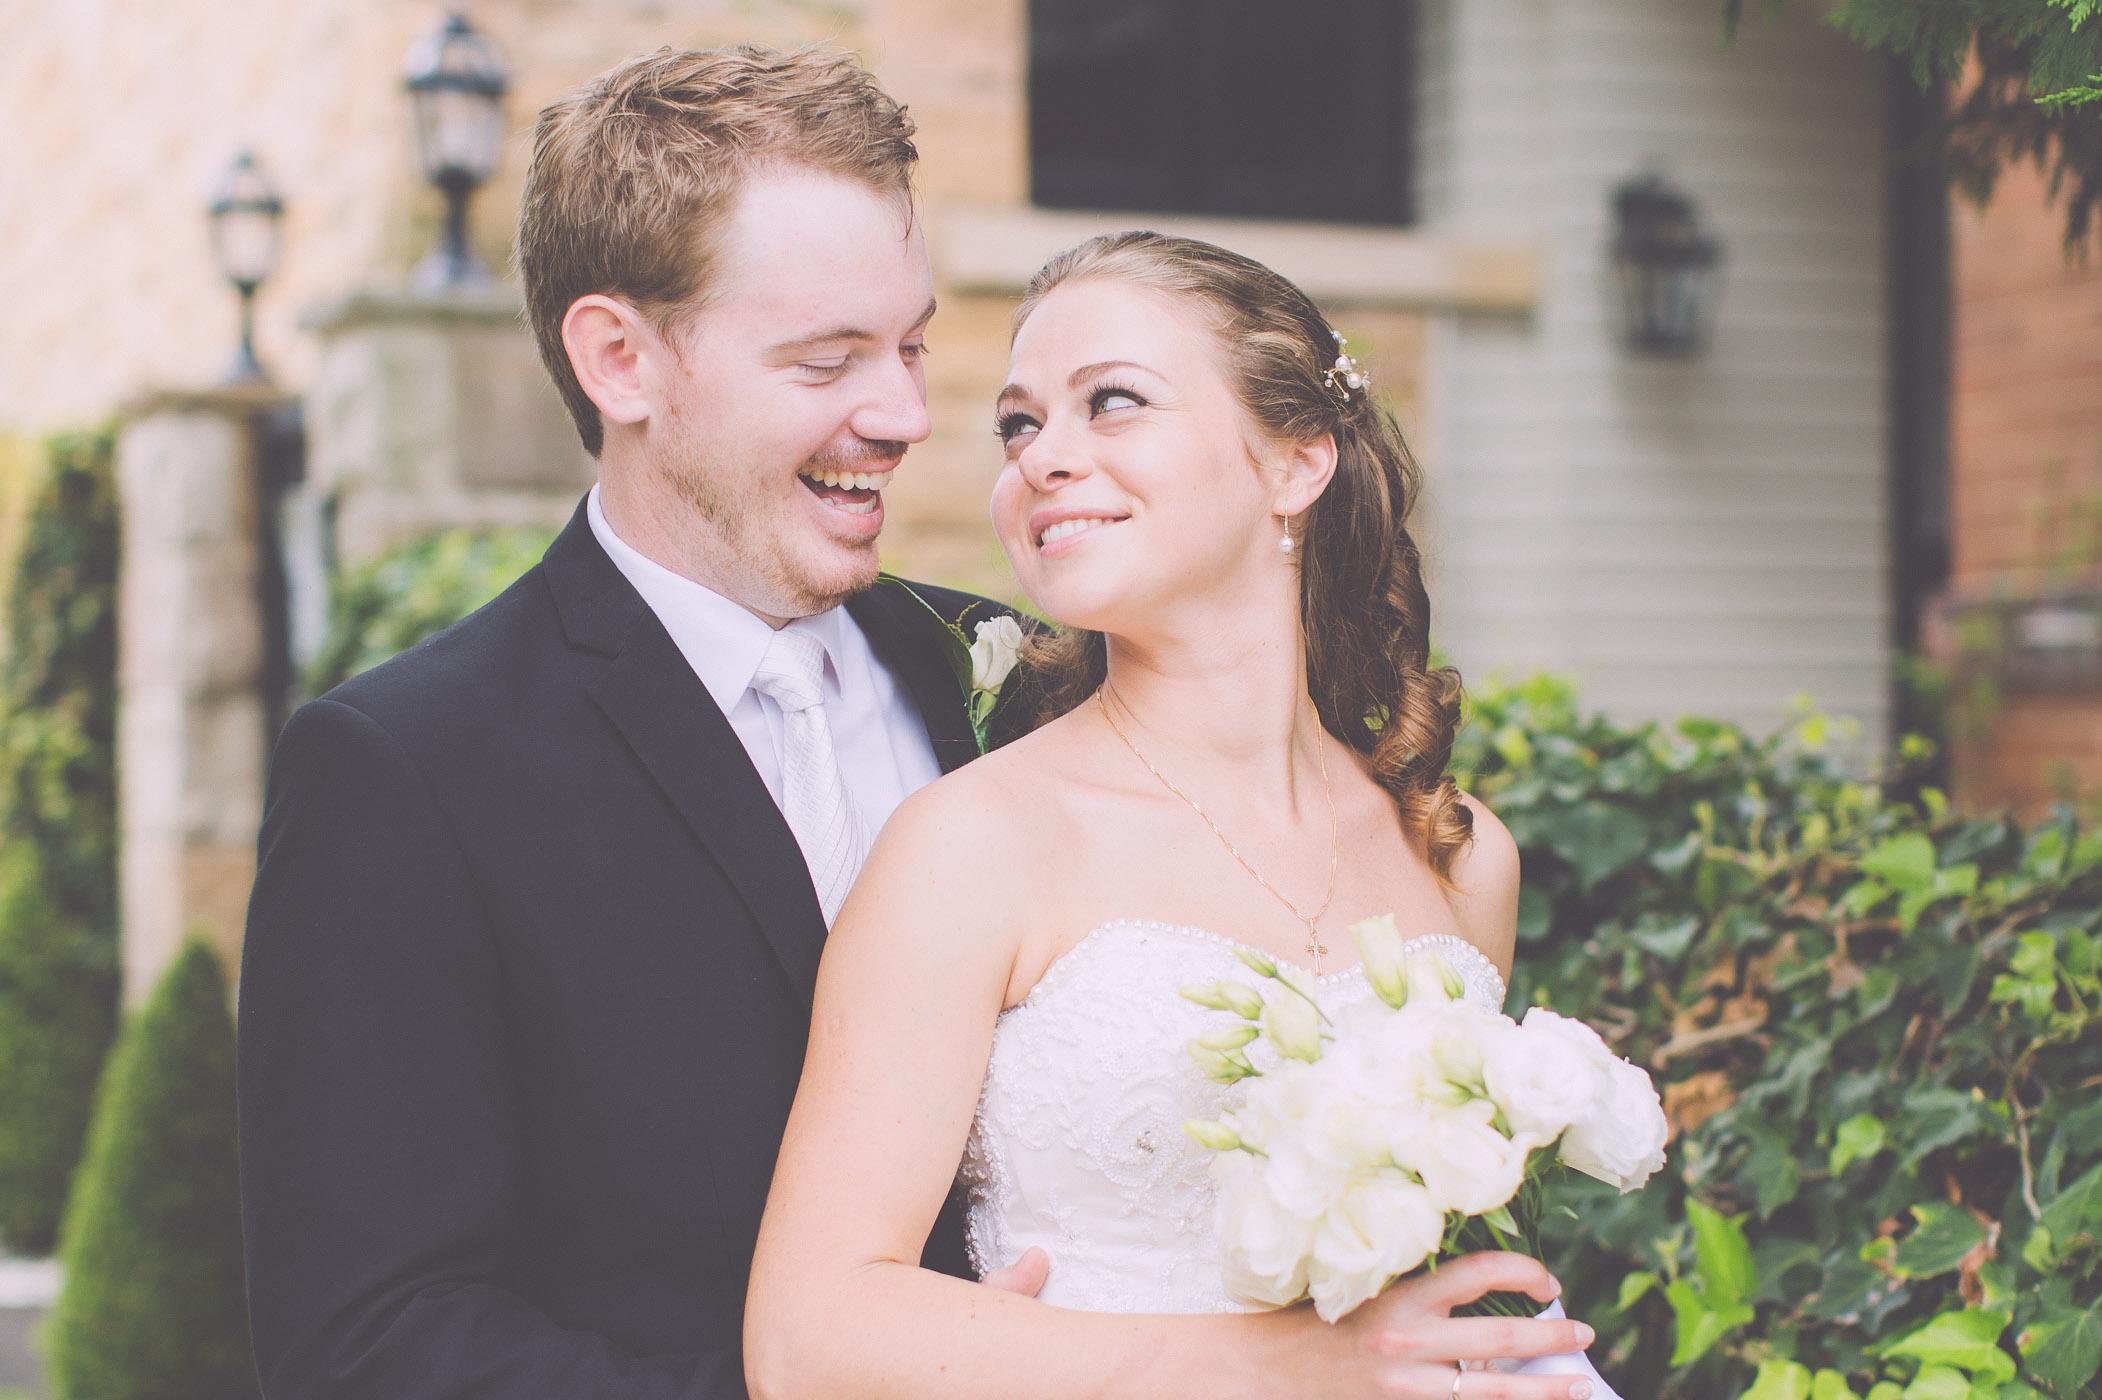 Lucy & Tom_Matt Teague_Wedding Photographer Mudgee-56.jpg